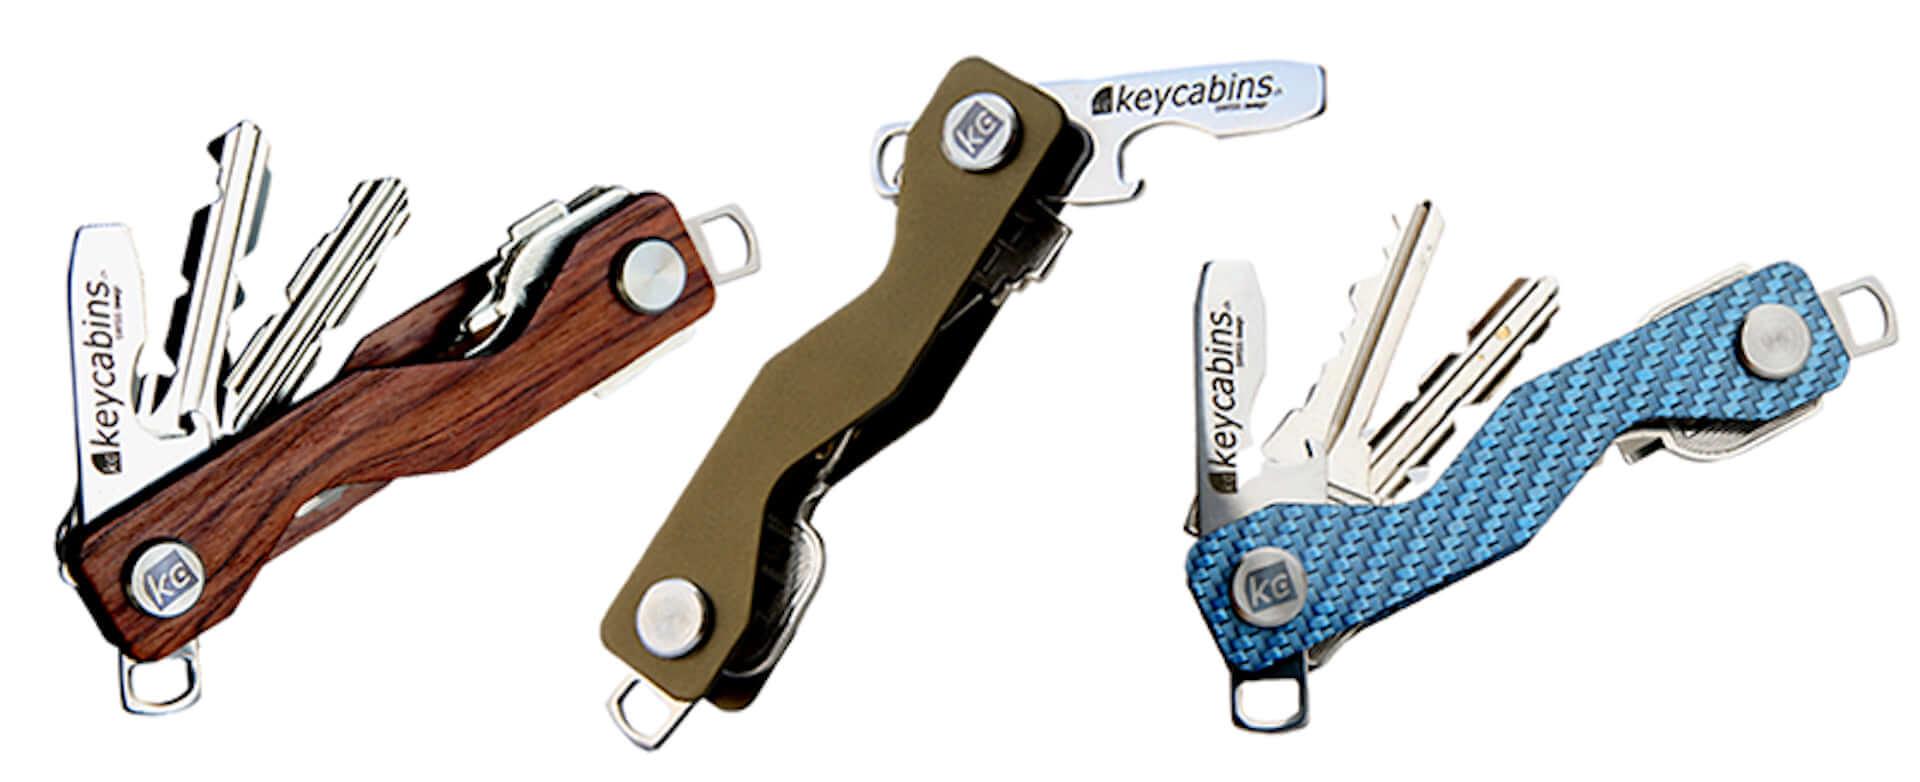 スマートに鍵をスタッキングできる「keychains」が本日よりクラウドファンディングで先行予約開始! life190726_keycabins_8-1920x782